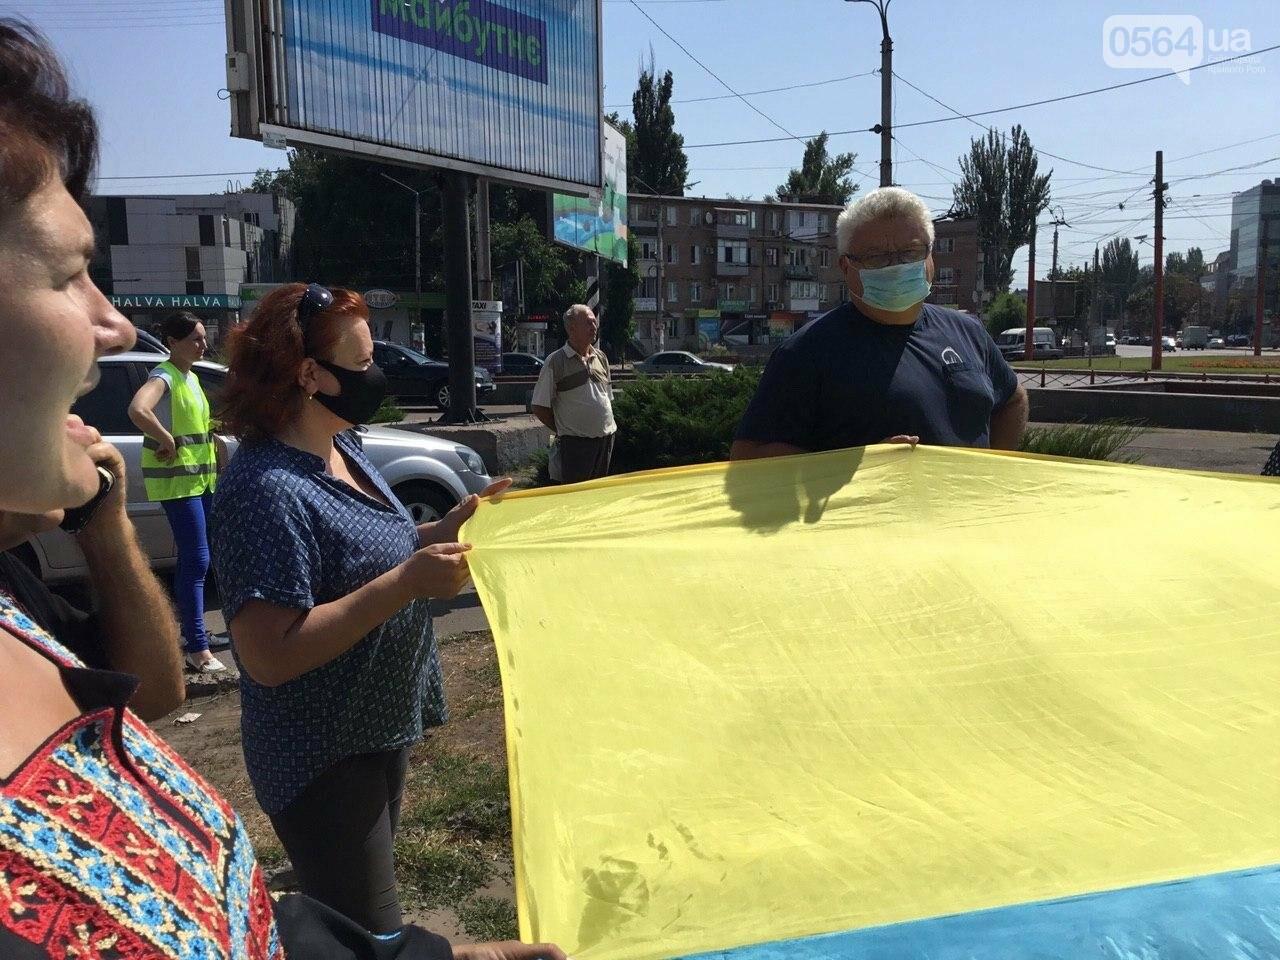 """""""Українці - брати, Разом ми - сила!"""", - какие пожелания и призывы написали криворожане на Знамени Единства, - ФОТО, ВИДЕО, фото-4"""